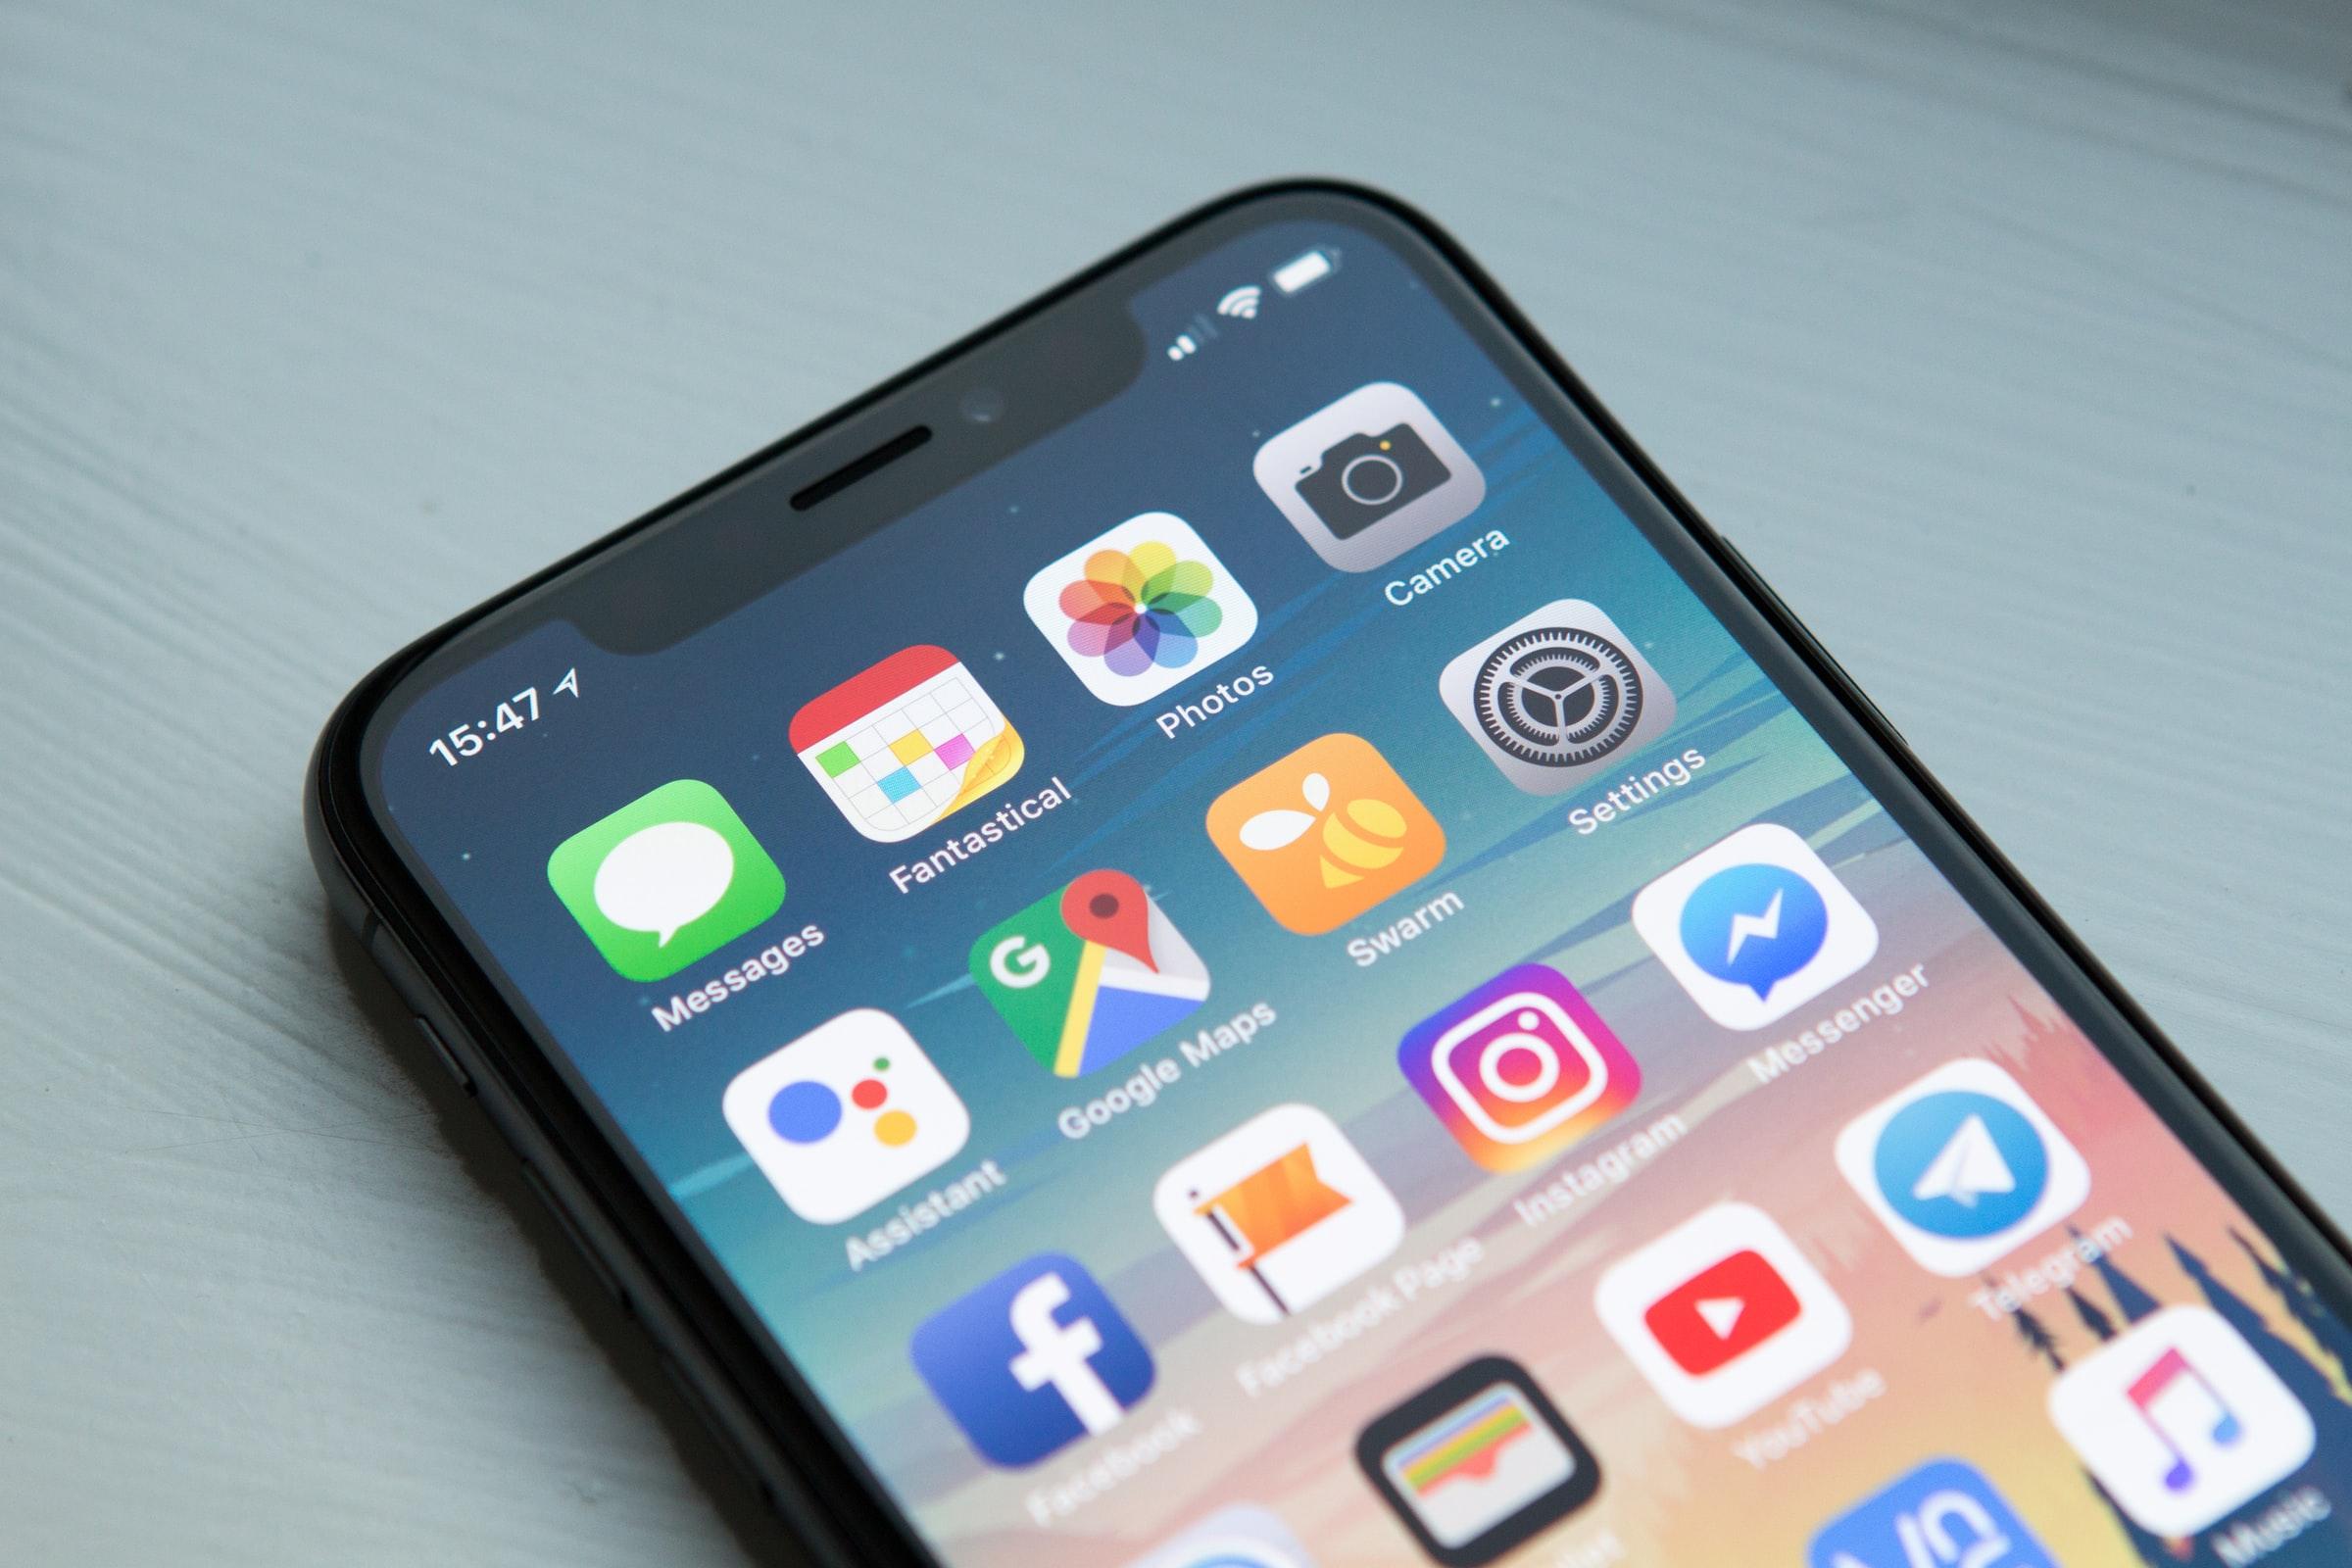 Bild eines Smartphone-Bildschirms mit Apps